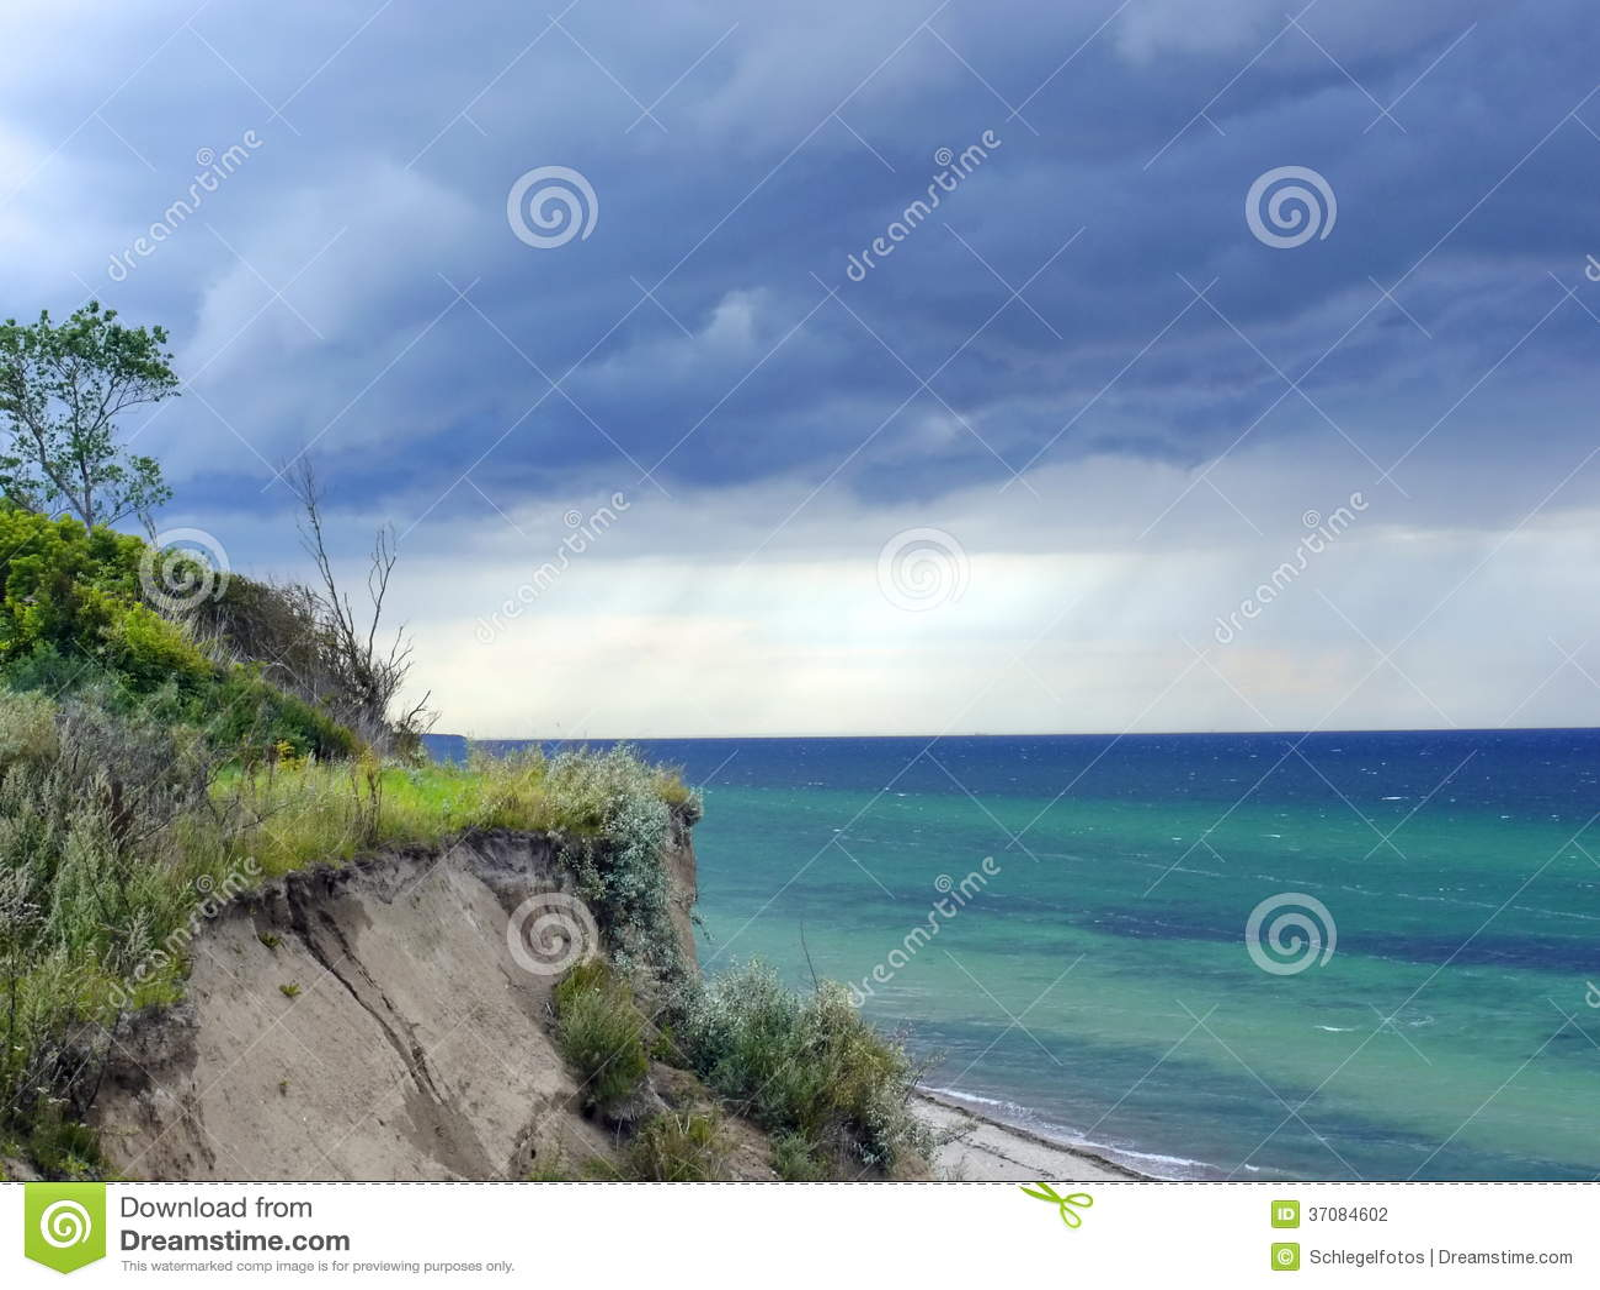 Download Dramatyczna Burza Na Oceanie Zdjęcie Stock - Obraz złożonej z pogoda, wiatr: 37084602